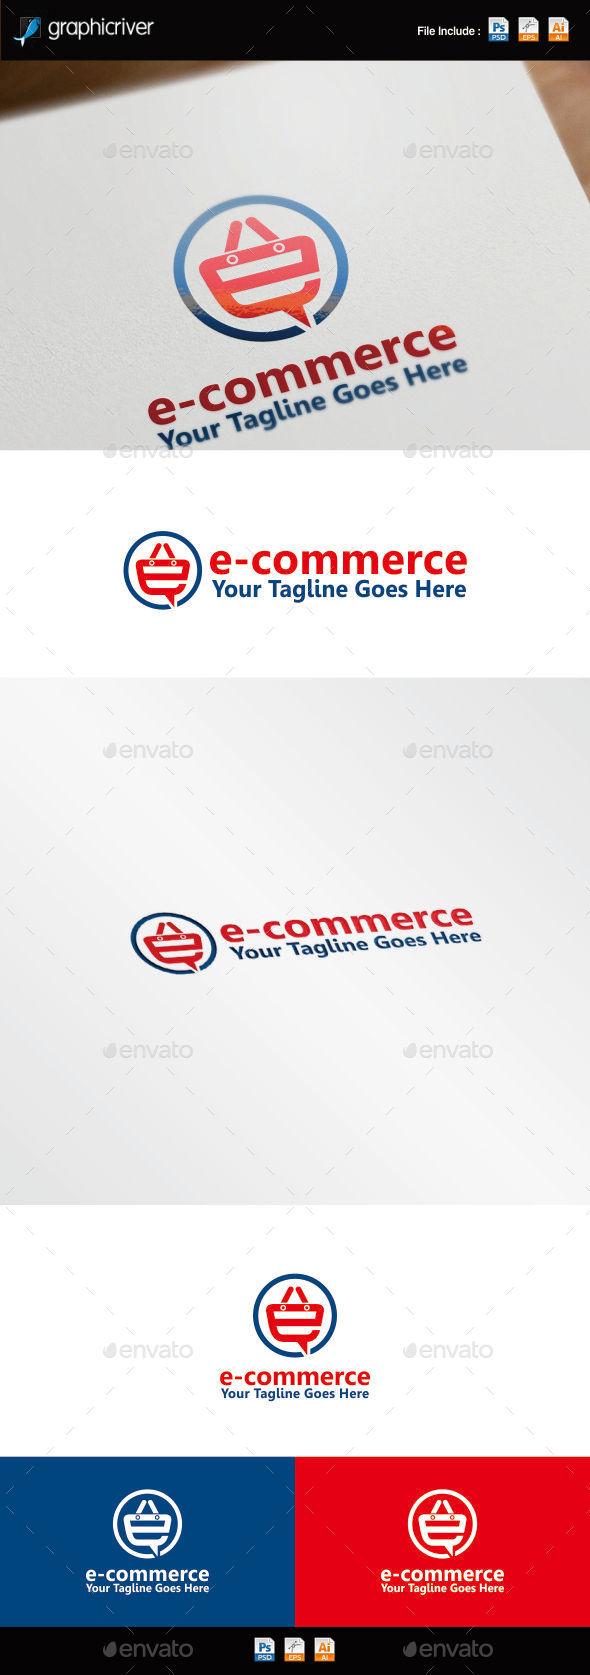 GraphicRiver E-Commerce Logo Template 8790606